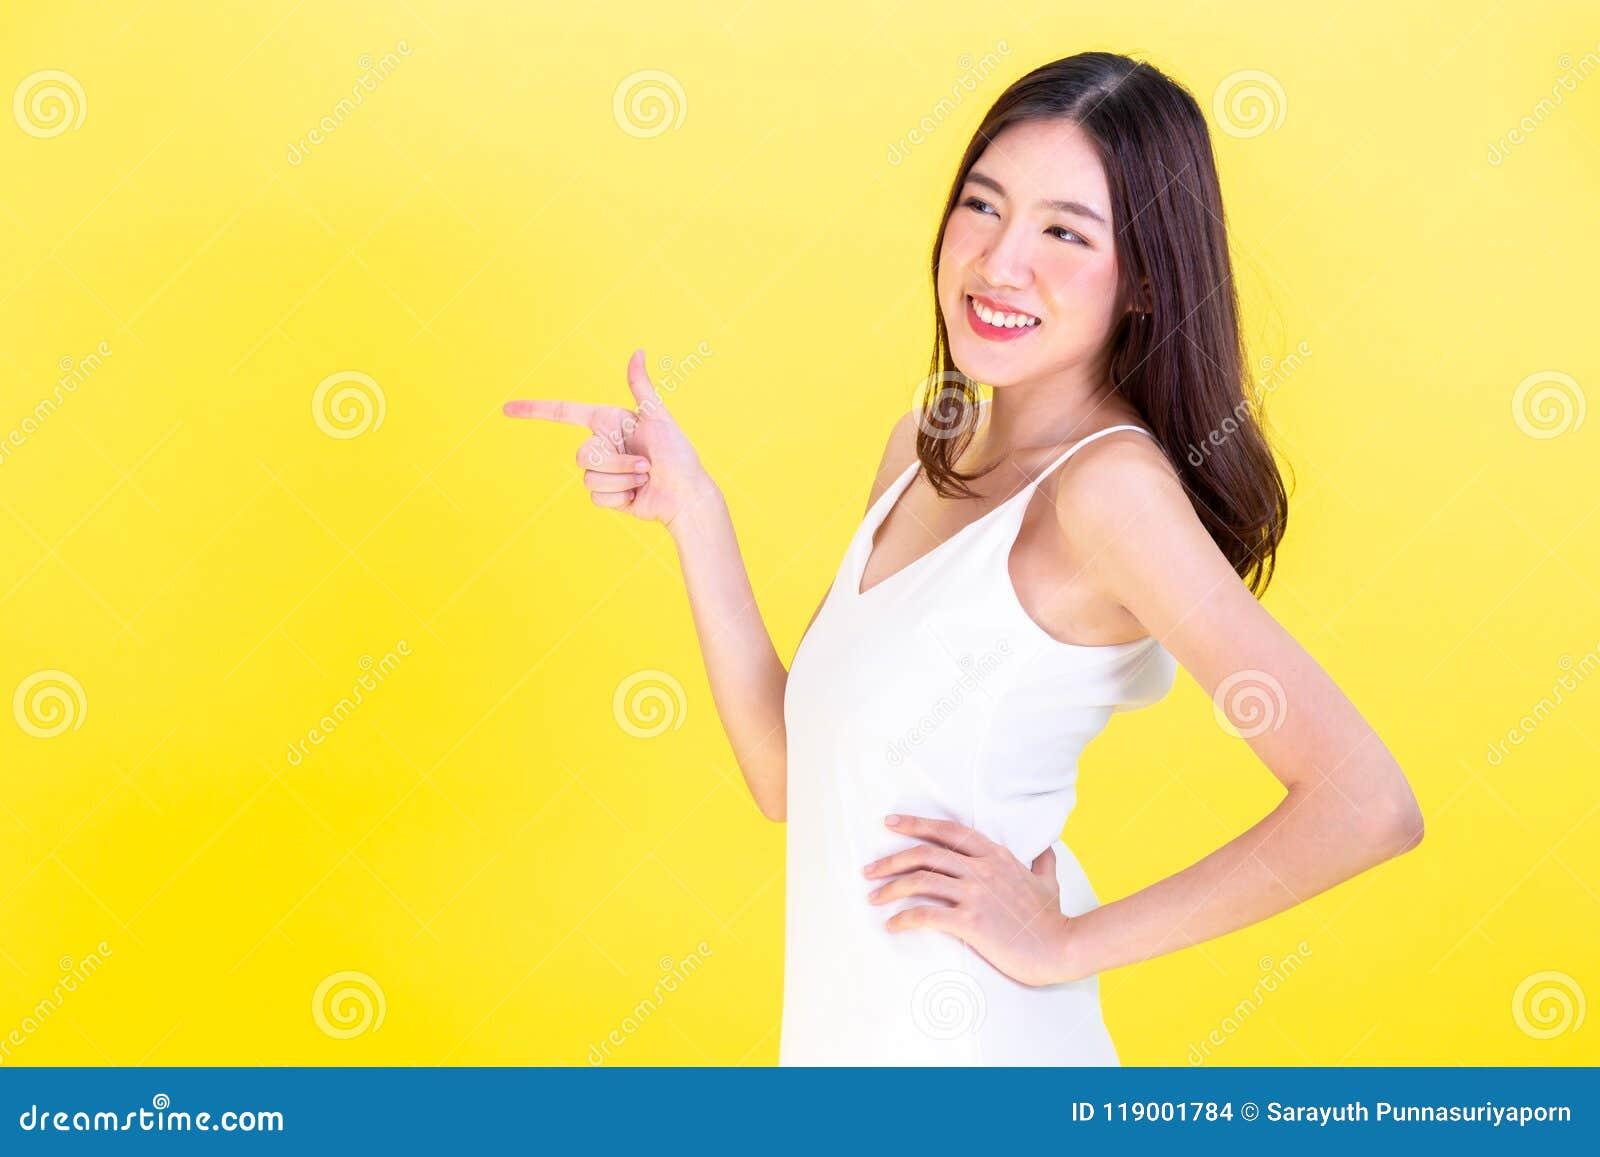 Asiatische nette Frau, die Hände auf leeren Kopienraum zeigt und die Arme in die Seite gestemmt auf gelbem Hintergrund aufwirft